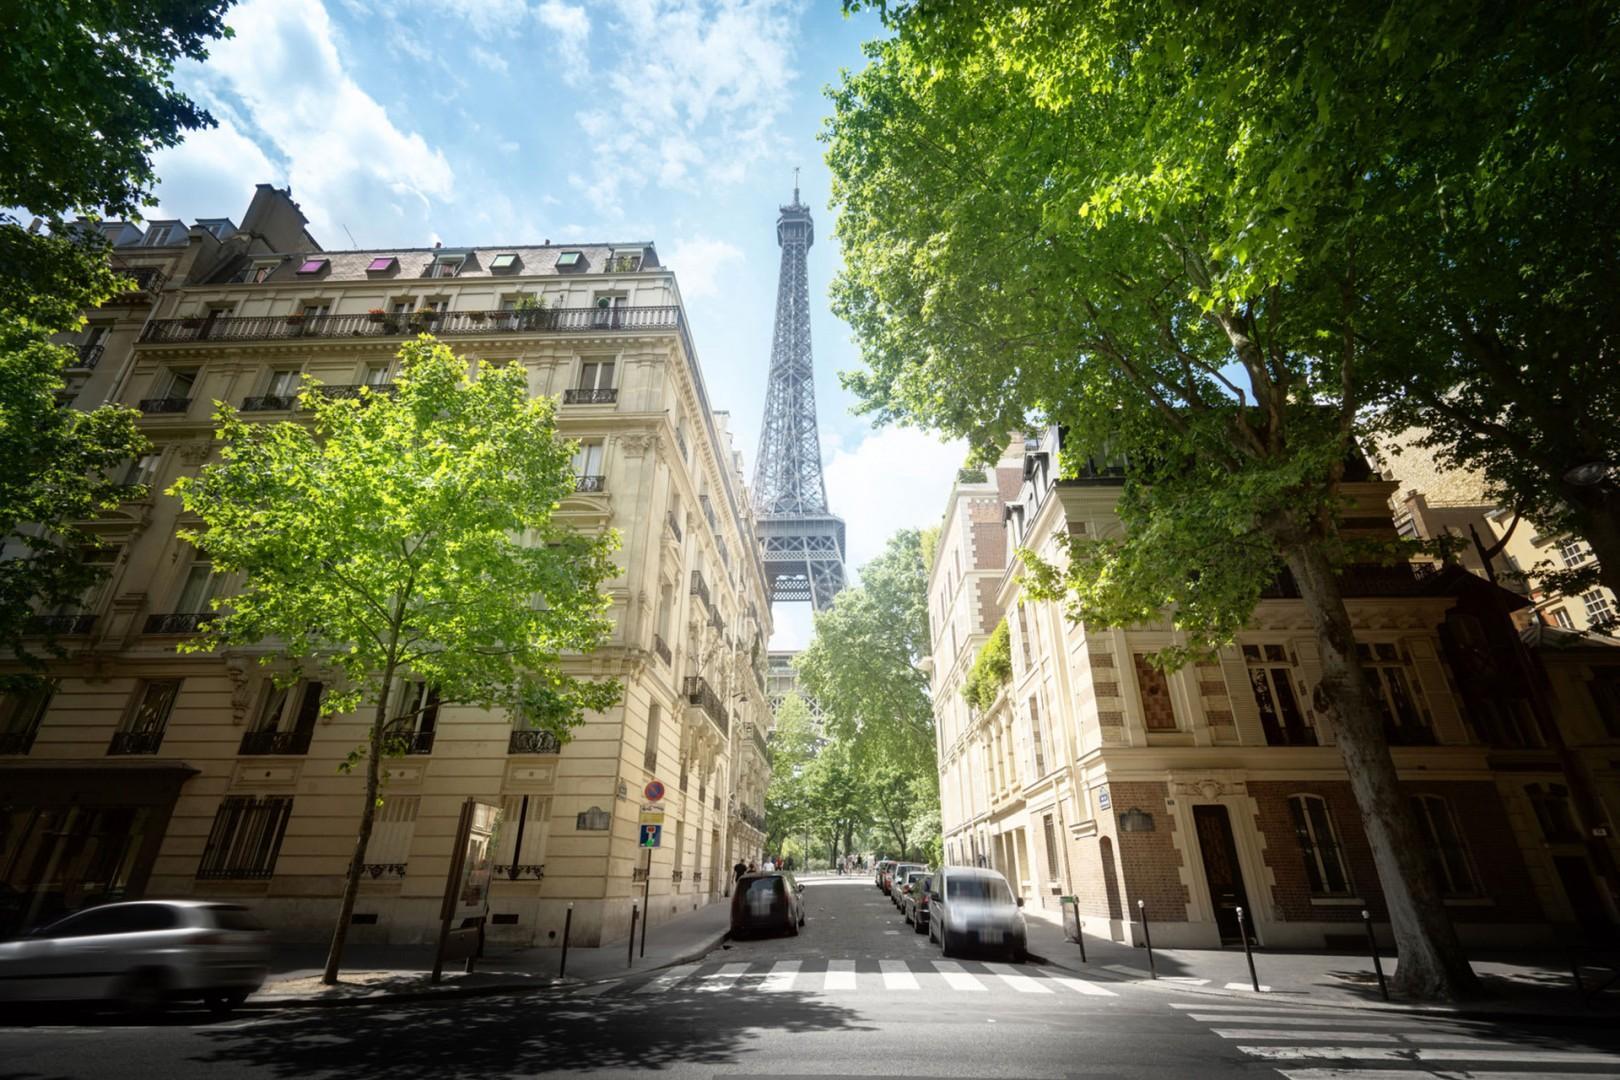 Eiffel Tower between buildings